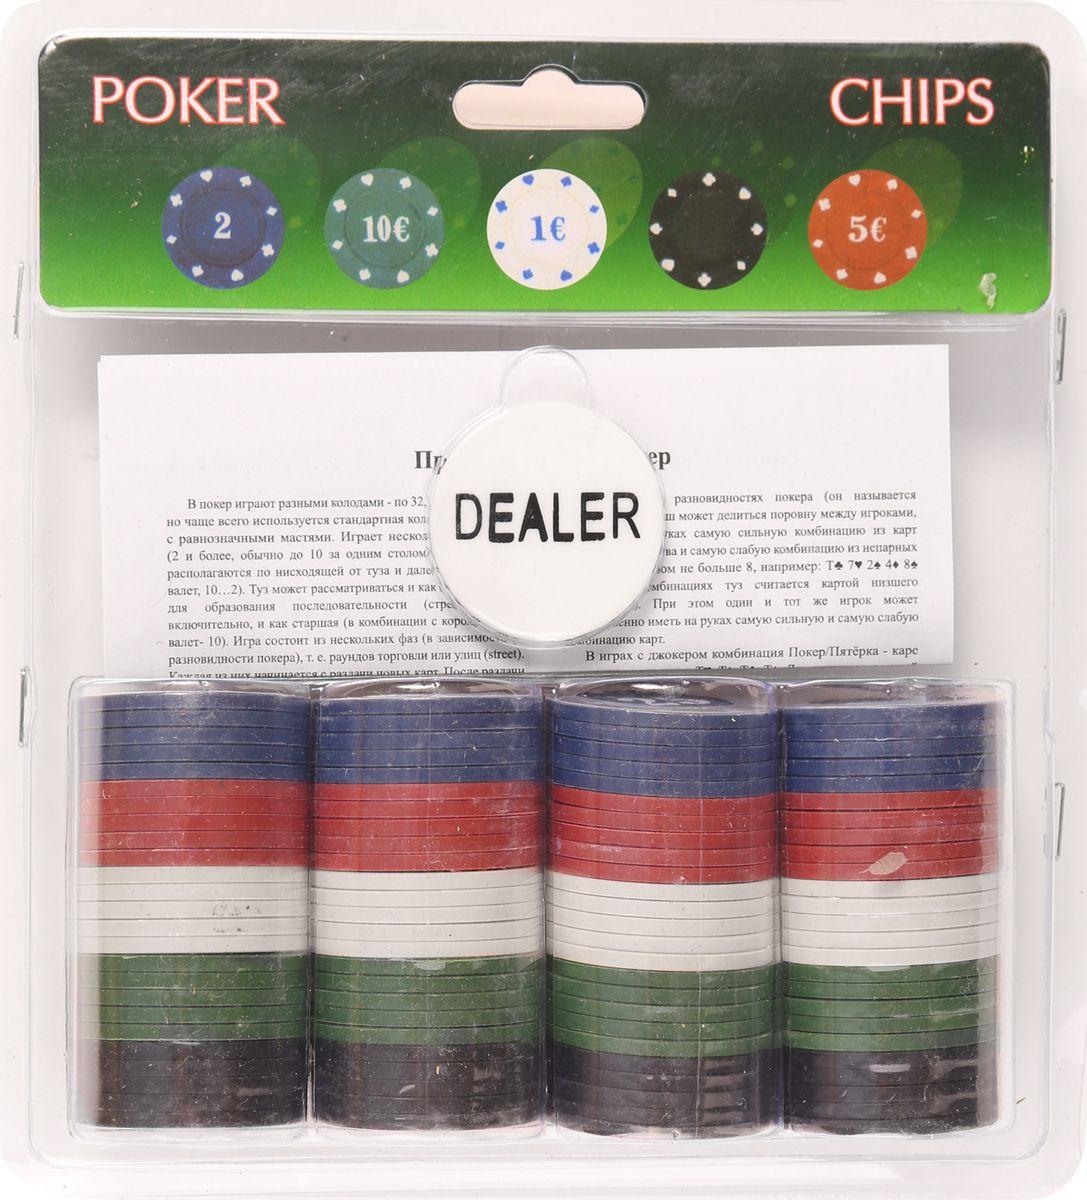 Фото - Сувенирный набор Magic Home Фишки для покера, 79877, 19 х 20,4 см канцелярский набор magic home птичья клетка 76727 11 х 13 см